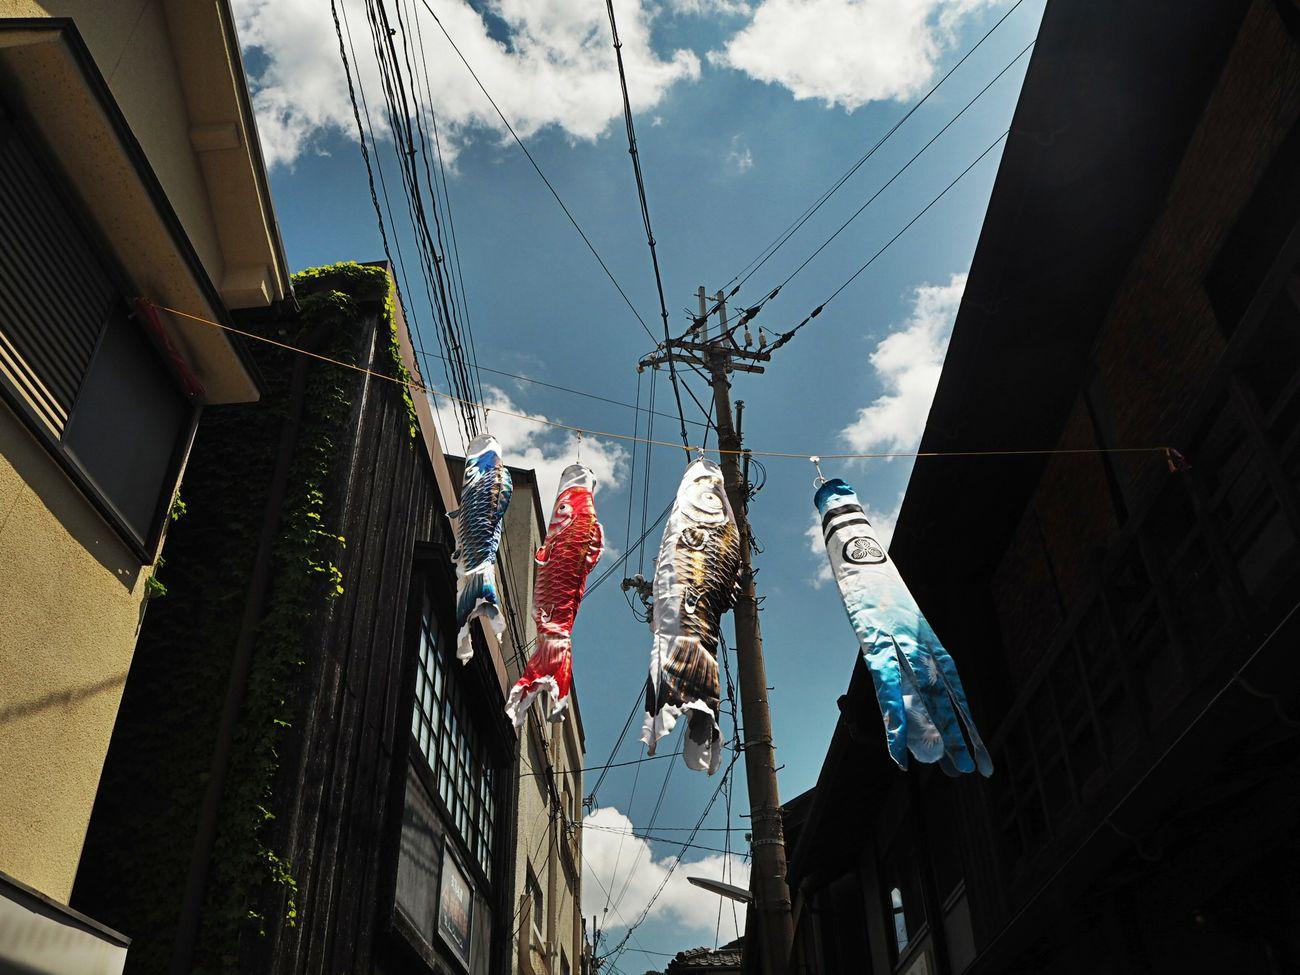 鯉のぼり。明日はこどもの日。 Sky Architecture Low Angle View Streetphotography On The Road Onsen Travel Taking Photos Beautiful Japan No People 鯉のぼり